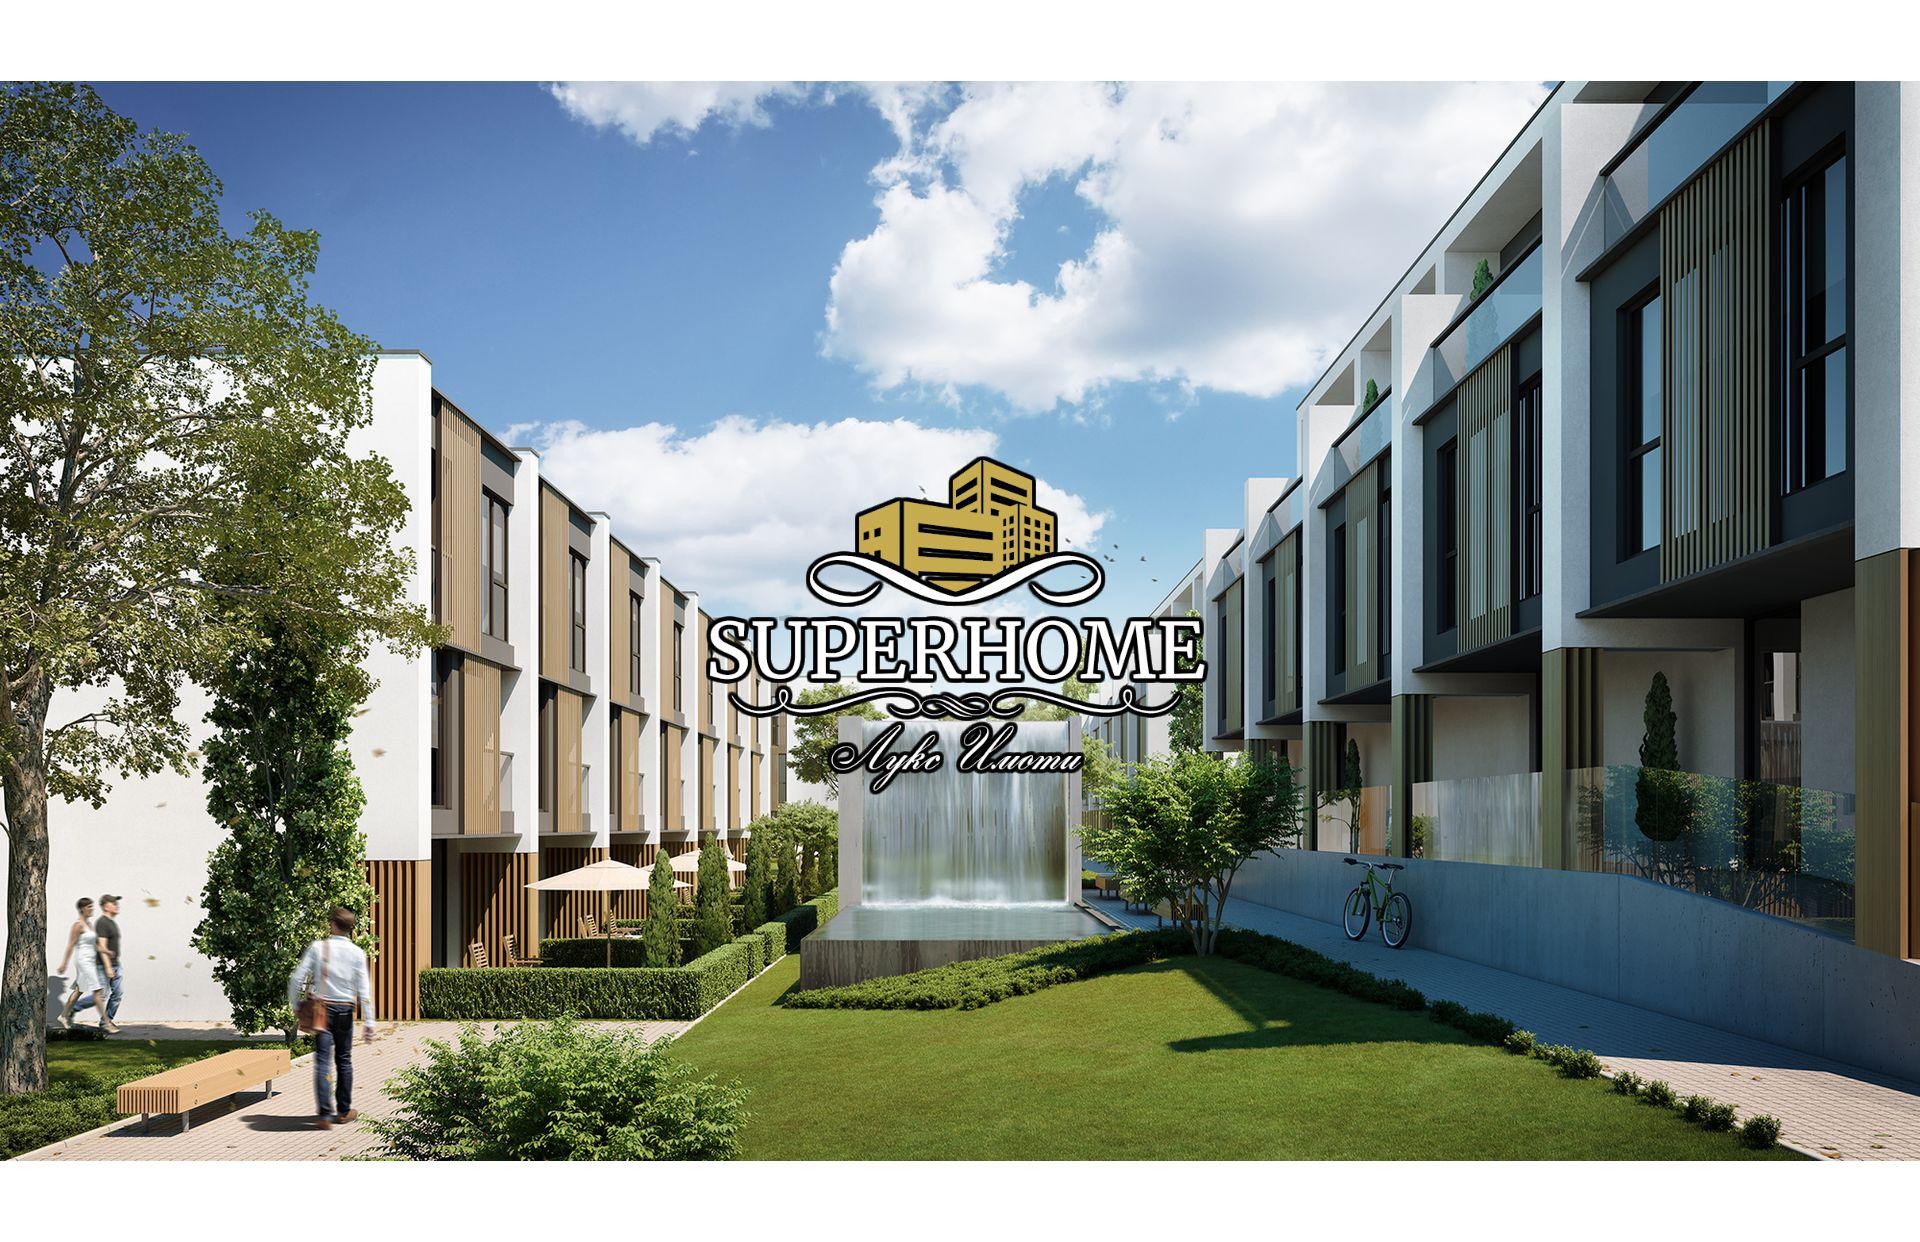 обяви за имоти, обяви имоти, продажба на апартаменти в софия, евтини имоти, имоти, недвижими имоти, imoti, продавам двустаен апартамент, продавам тристаен апартамент, къща